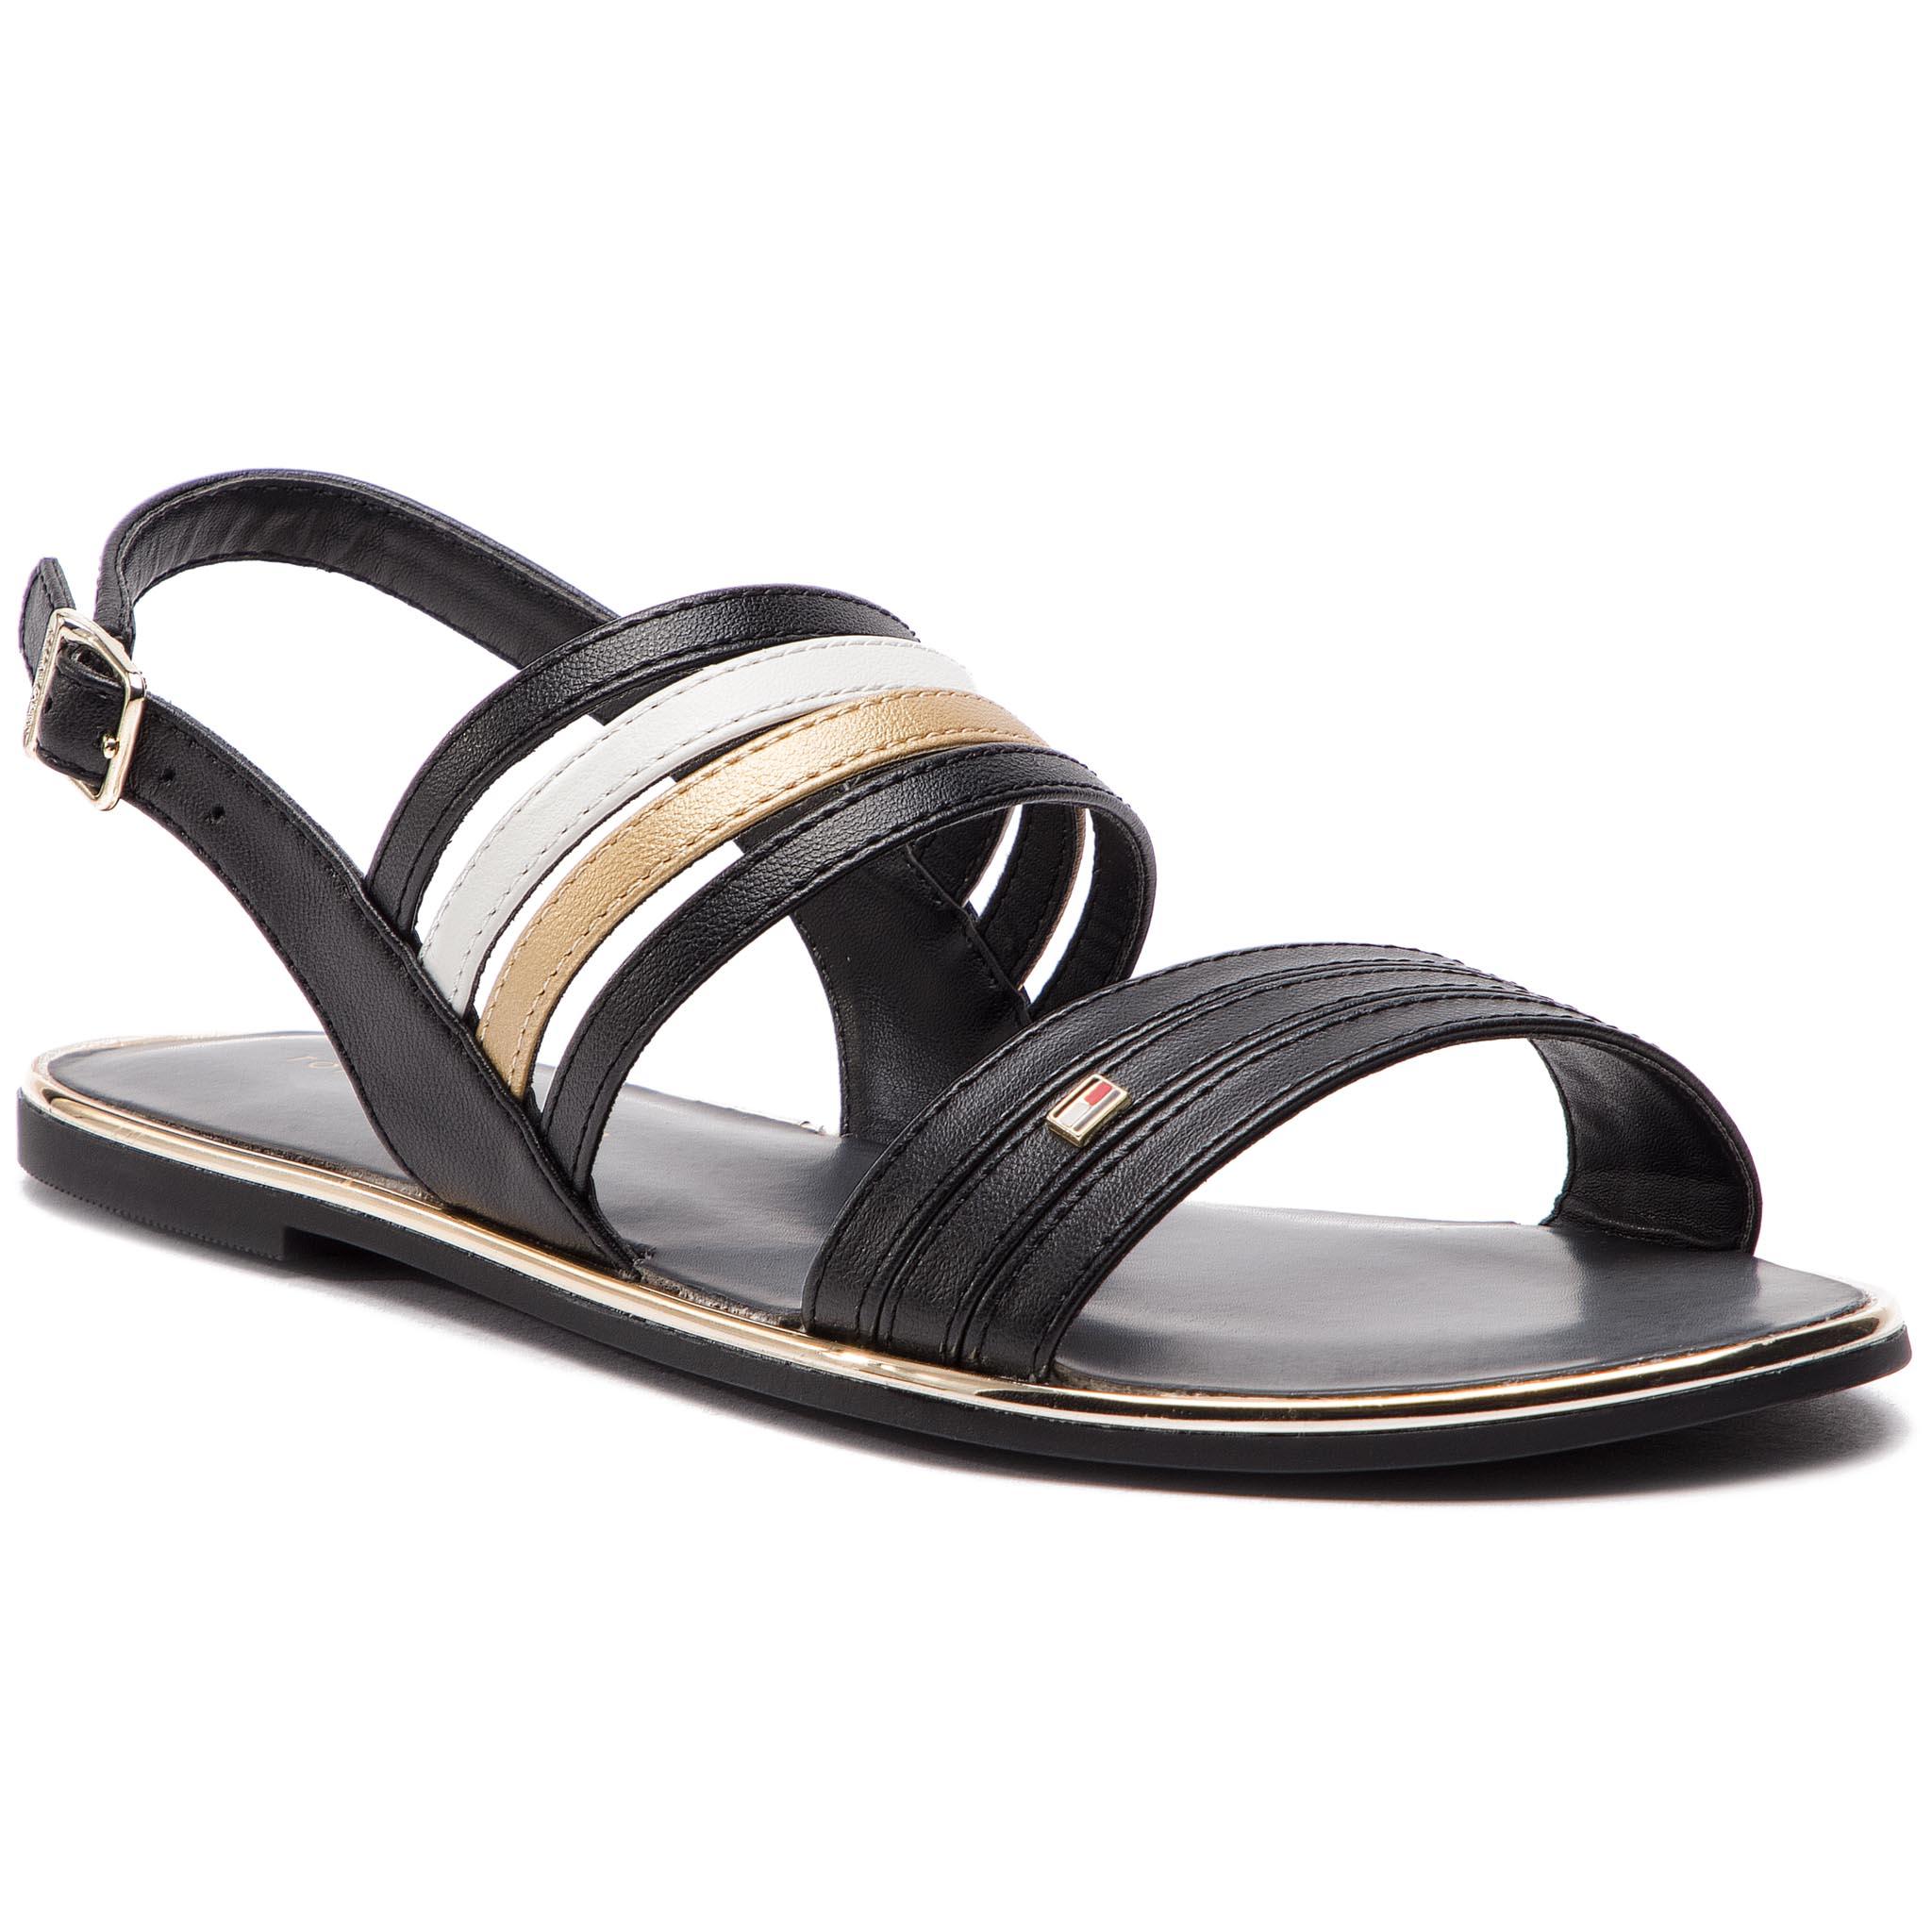 3bcc22c98a986 Sandále TOMMY HILFIGER - Strappy Flat Sandal FW0FW03667 Black 990 ...